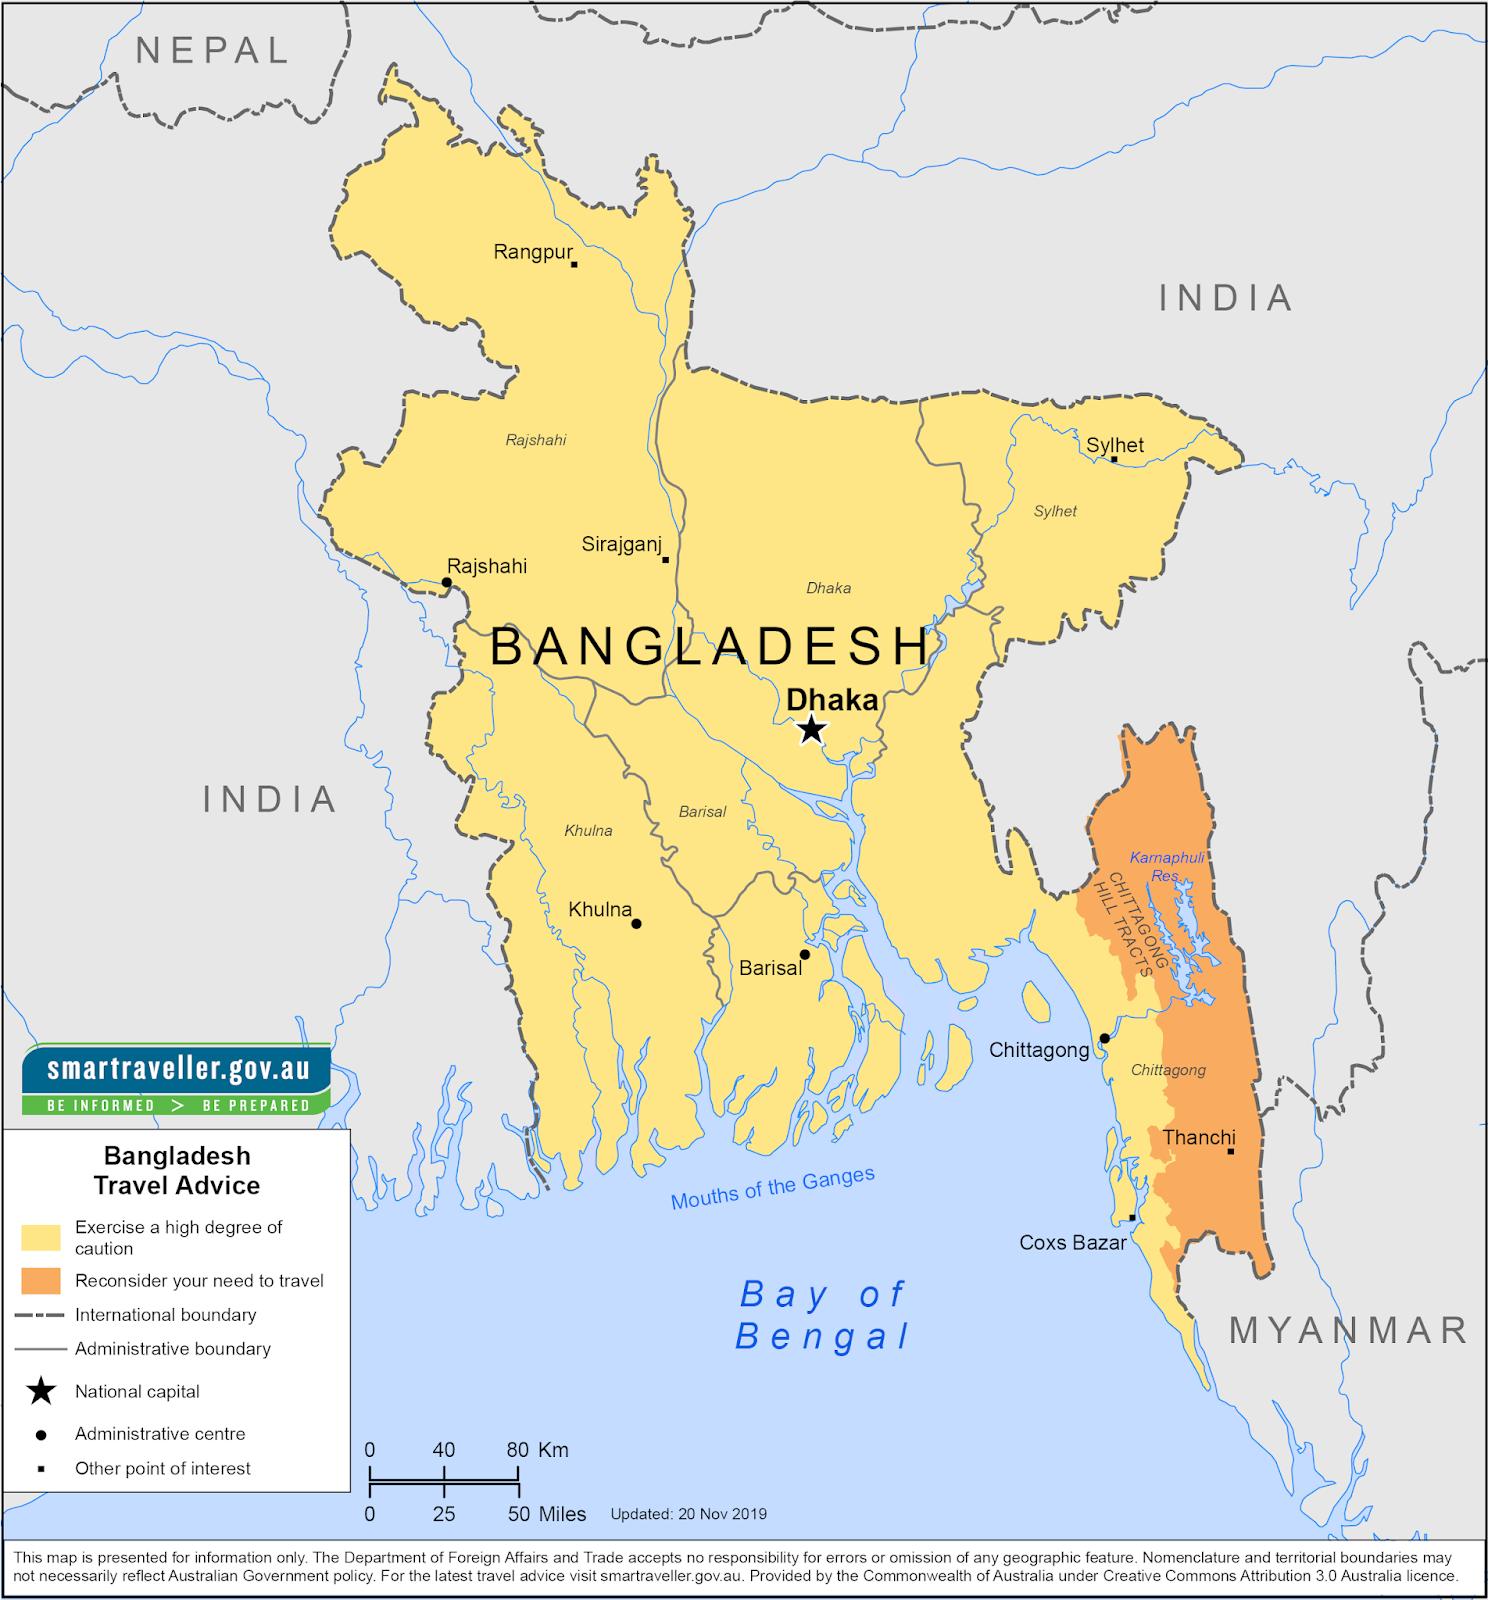 बांलादेश के जिलों व जनपदो के नाम